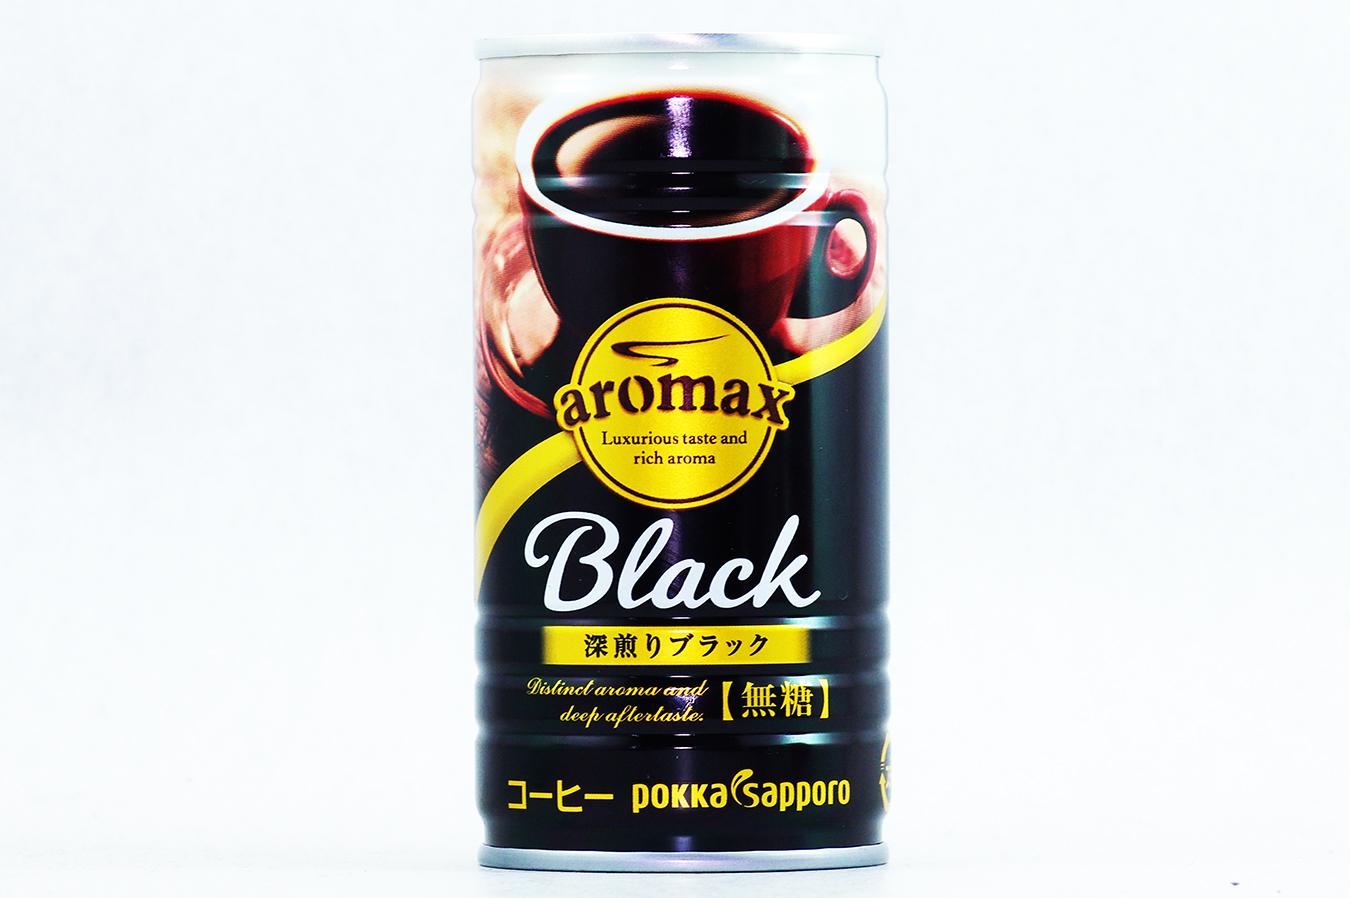 aromax ブラック 2018年3月